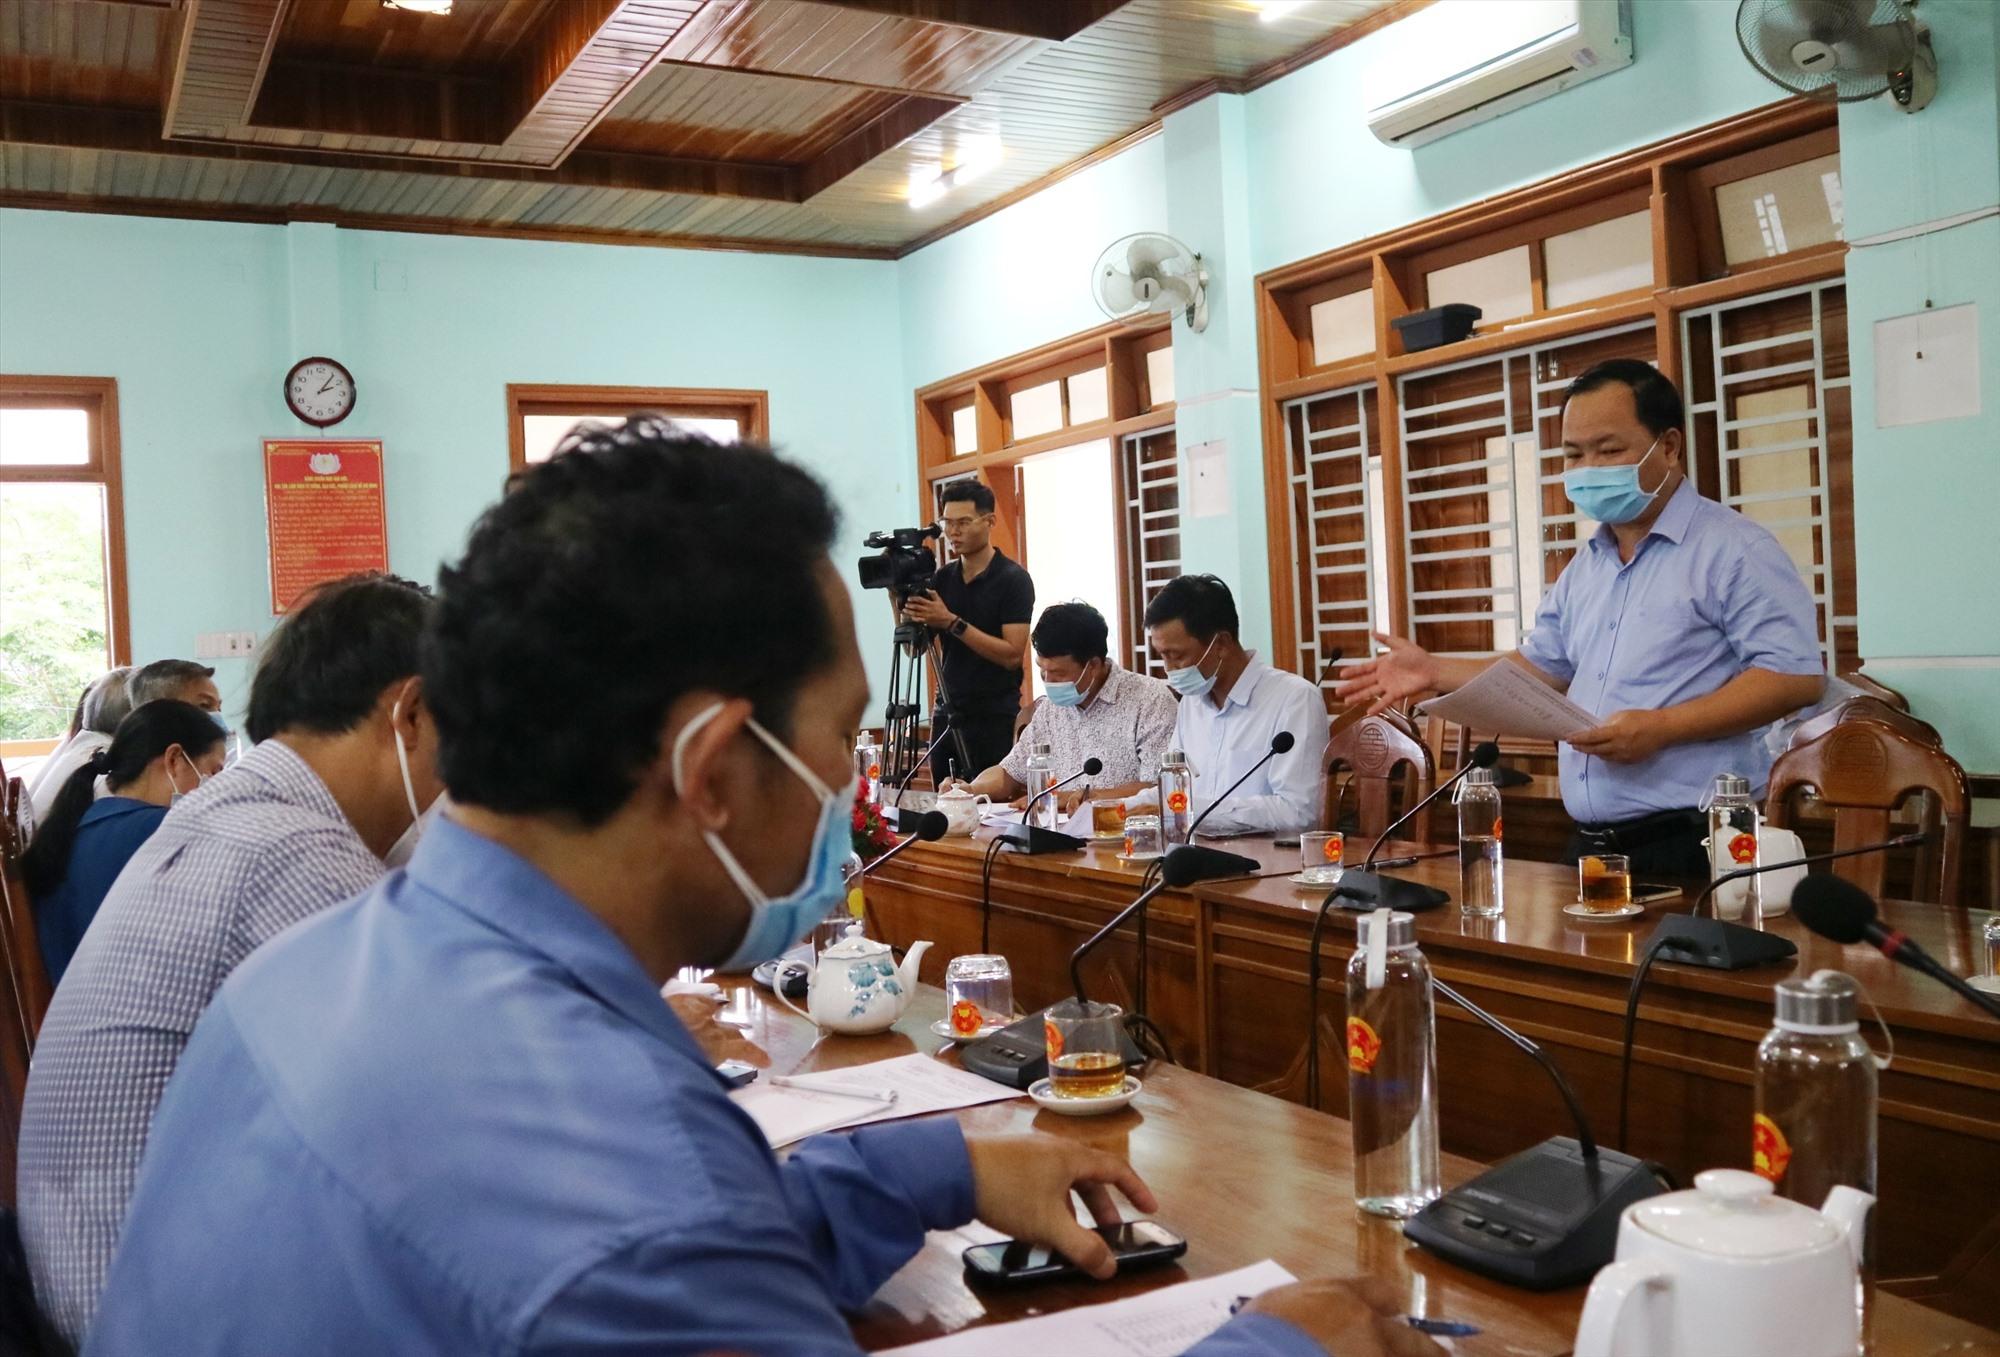 Đồng chí Nguyễn Hồng Quang phát biểu chỉ đạo nhiều nội dung quan trọng tại buổi làm việc với lãnh đạo huyện Đông Giang vào chiều nay 18.5. Ảnh: A.N